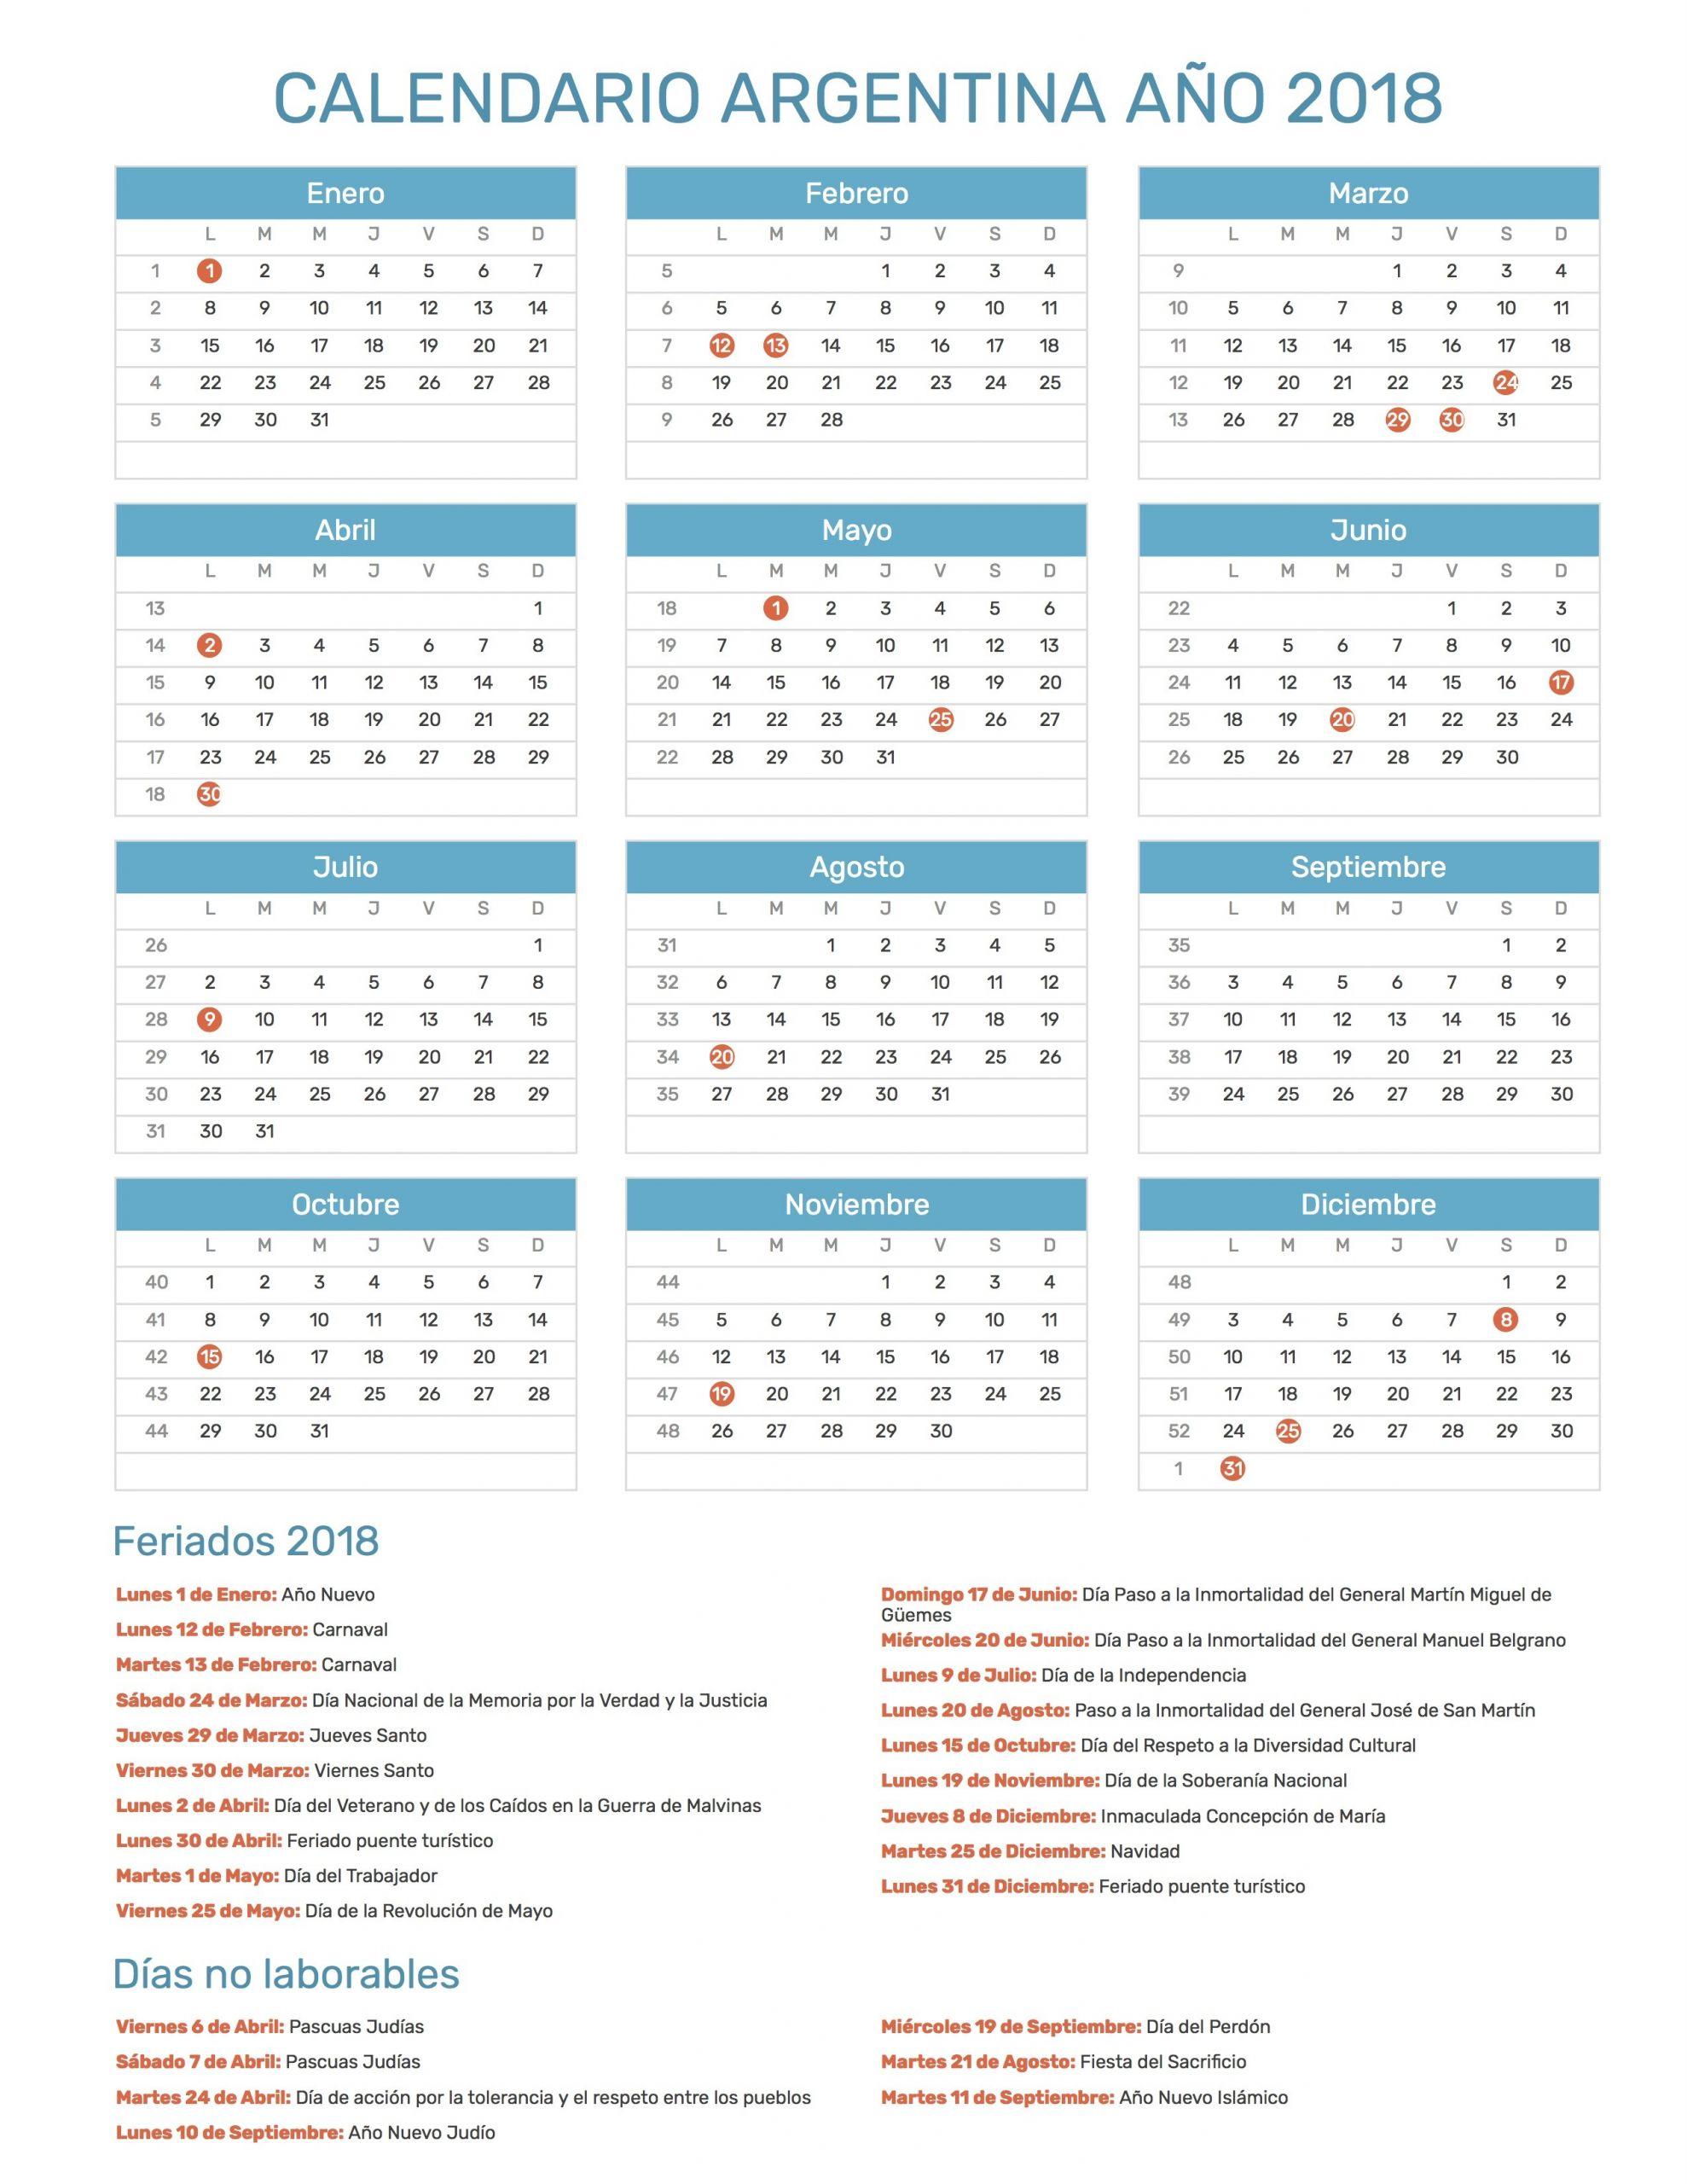 Almanaque 2015 Argentina Para Imprimir Con Feriados New